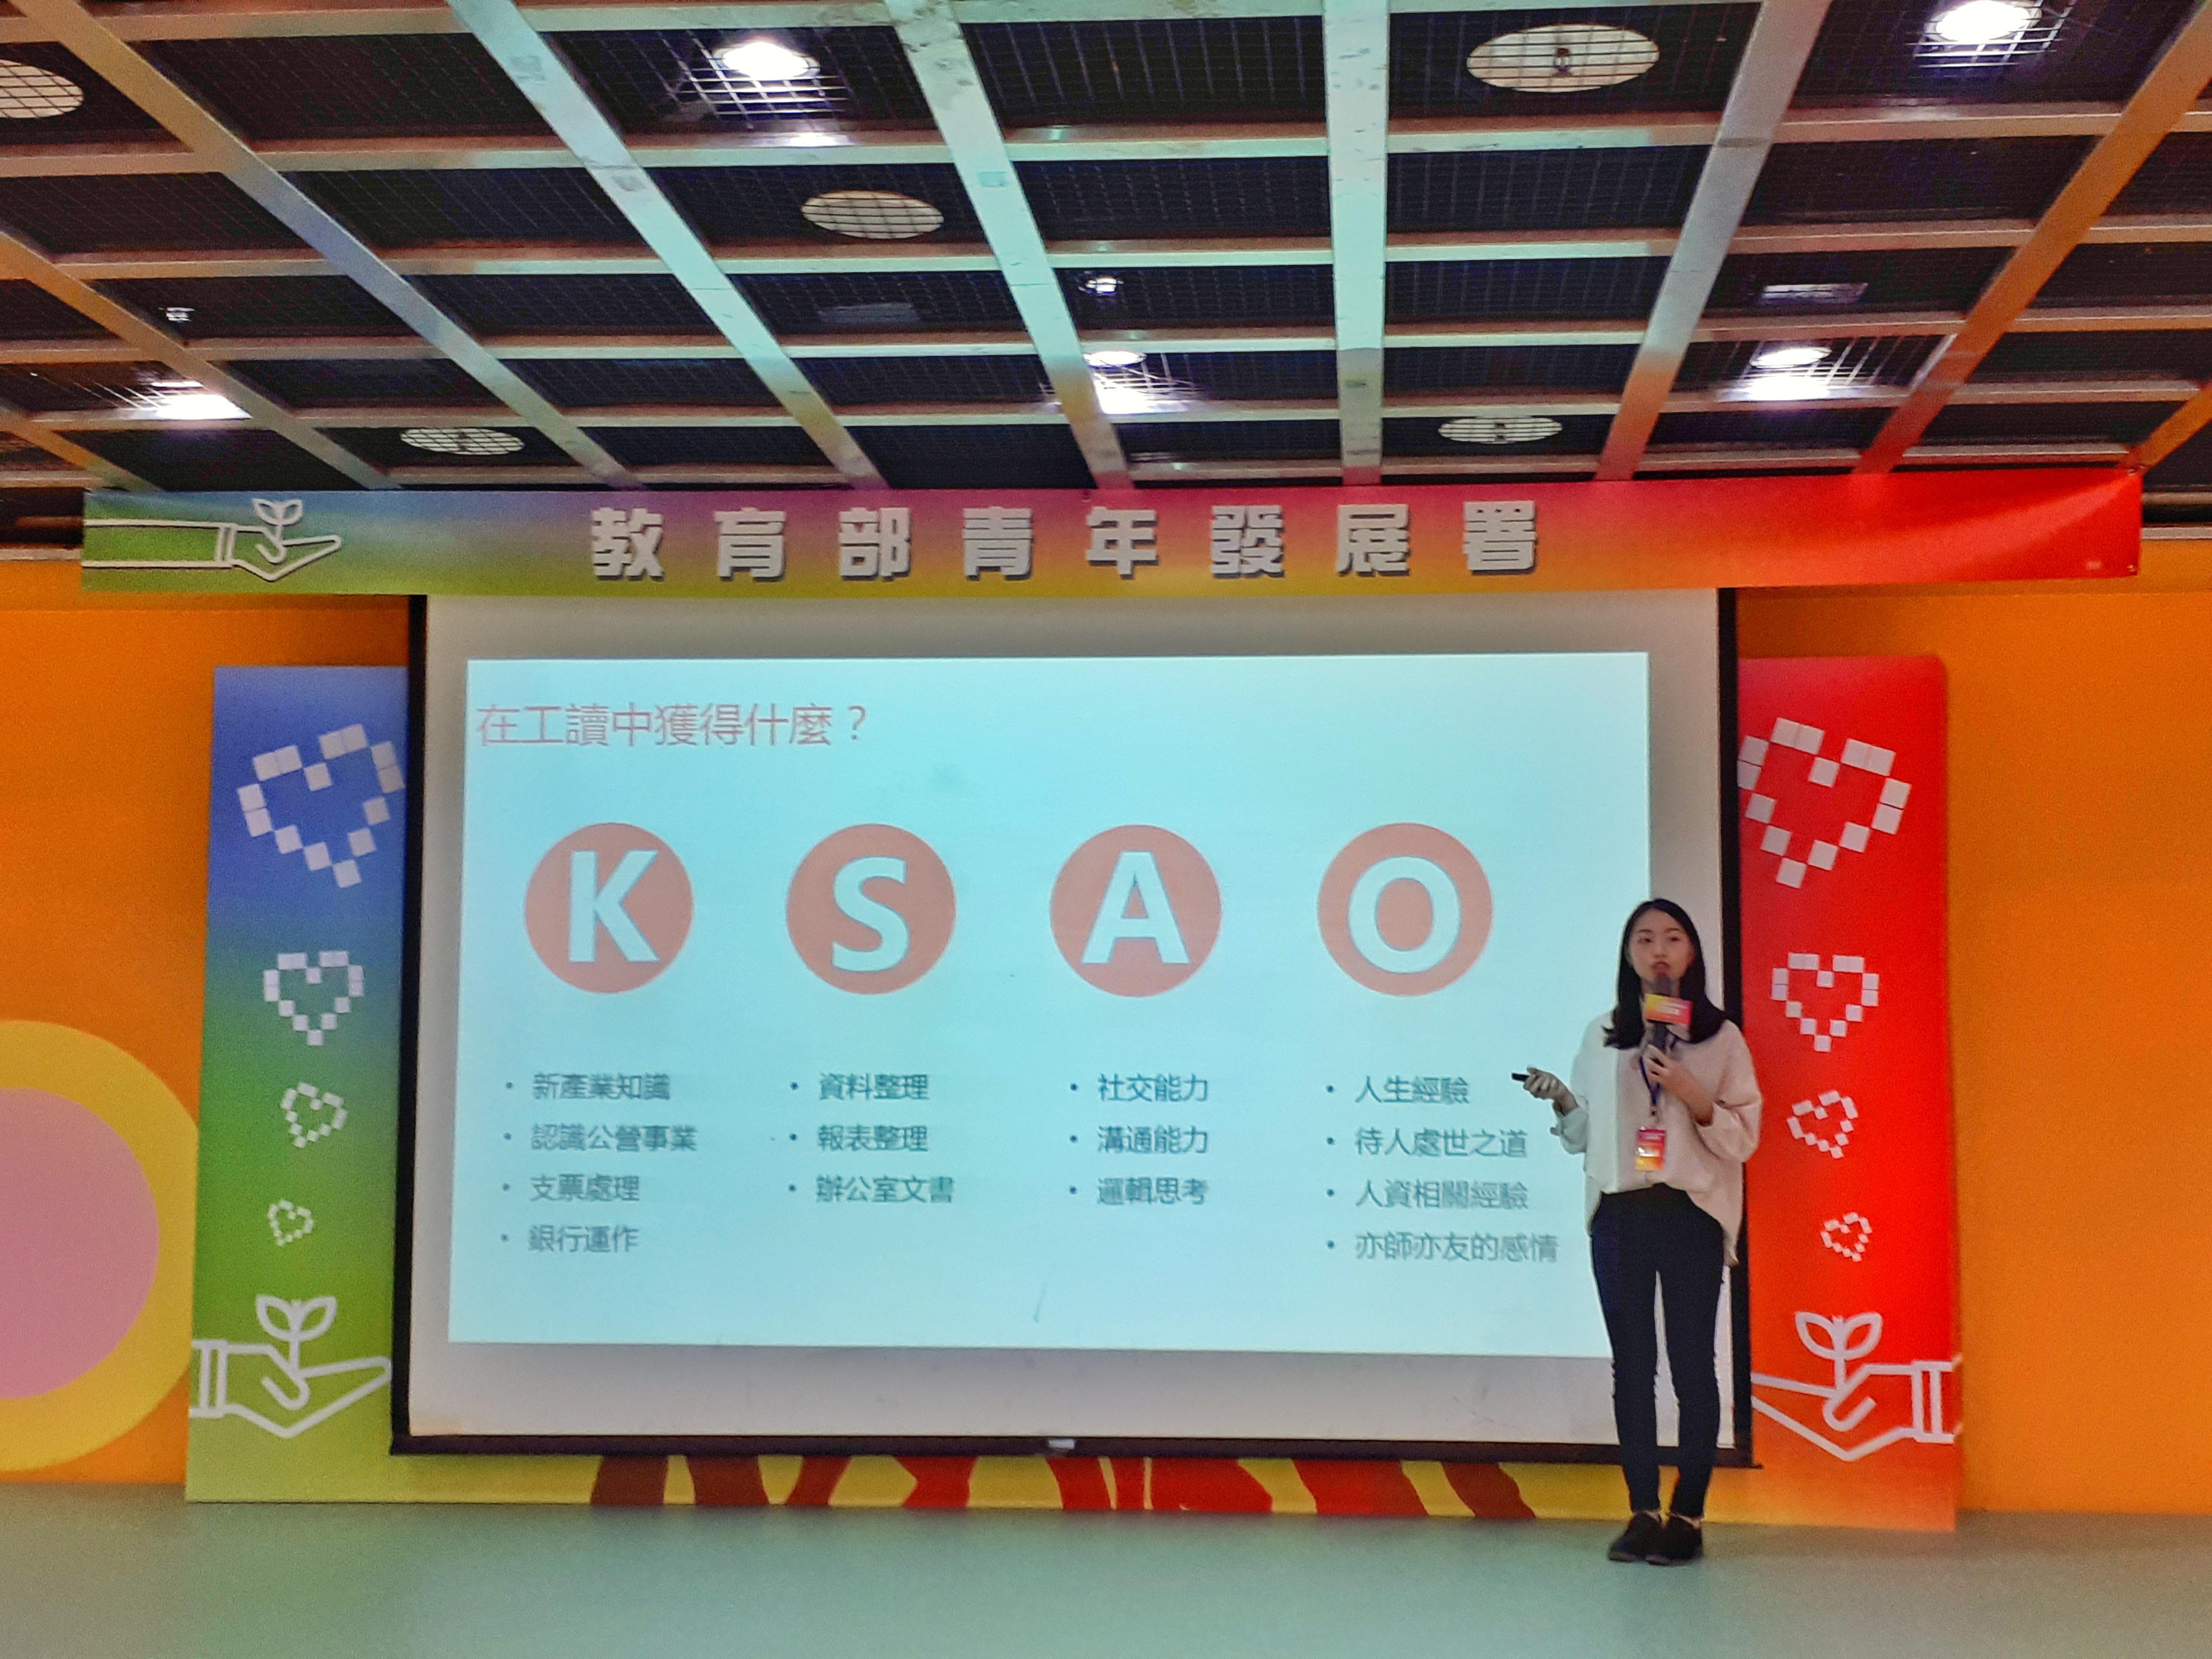 (圖三) 張馨予以「K、S、A、O」來代表工讀所獲